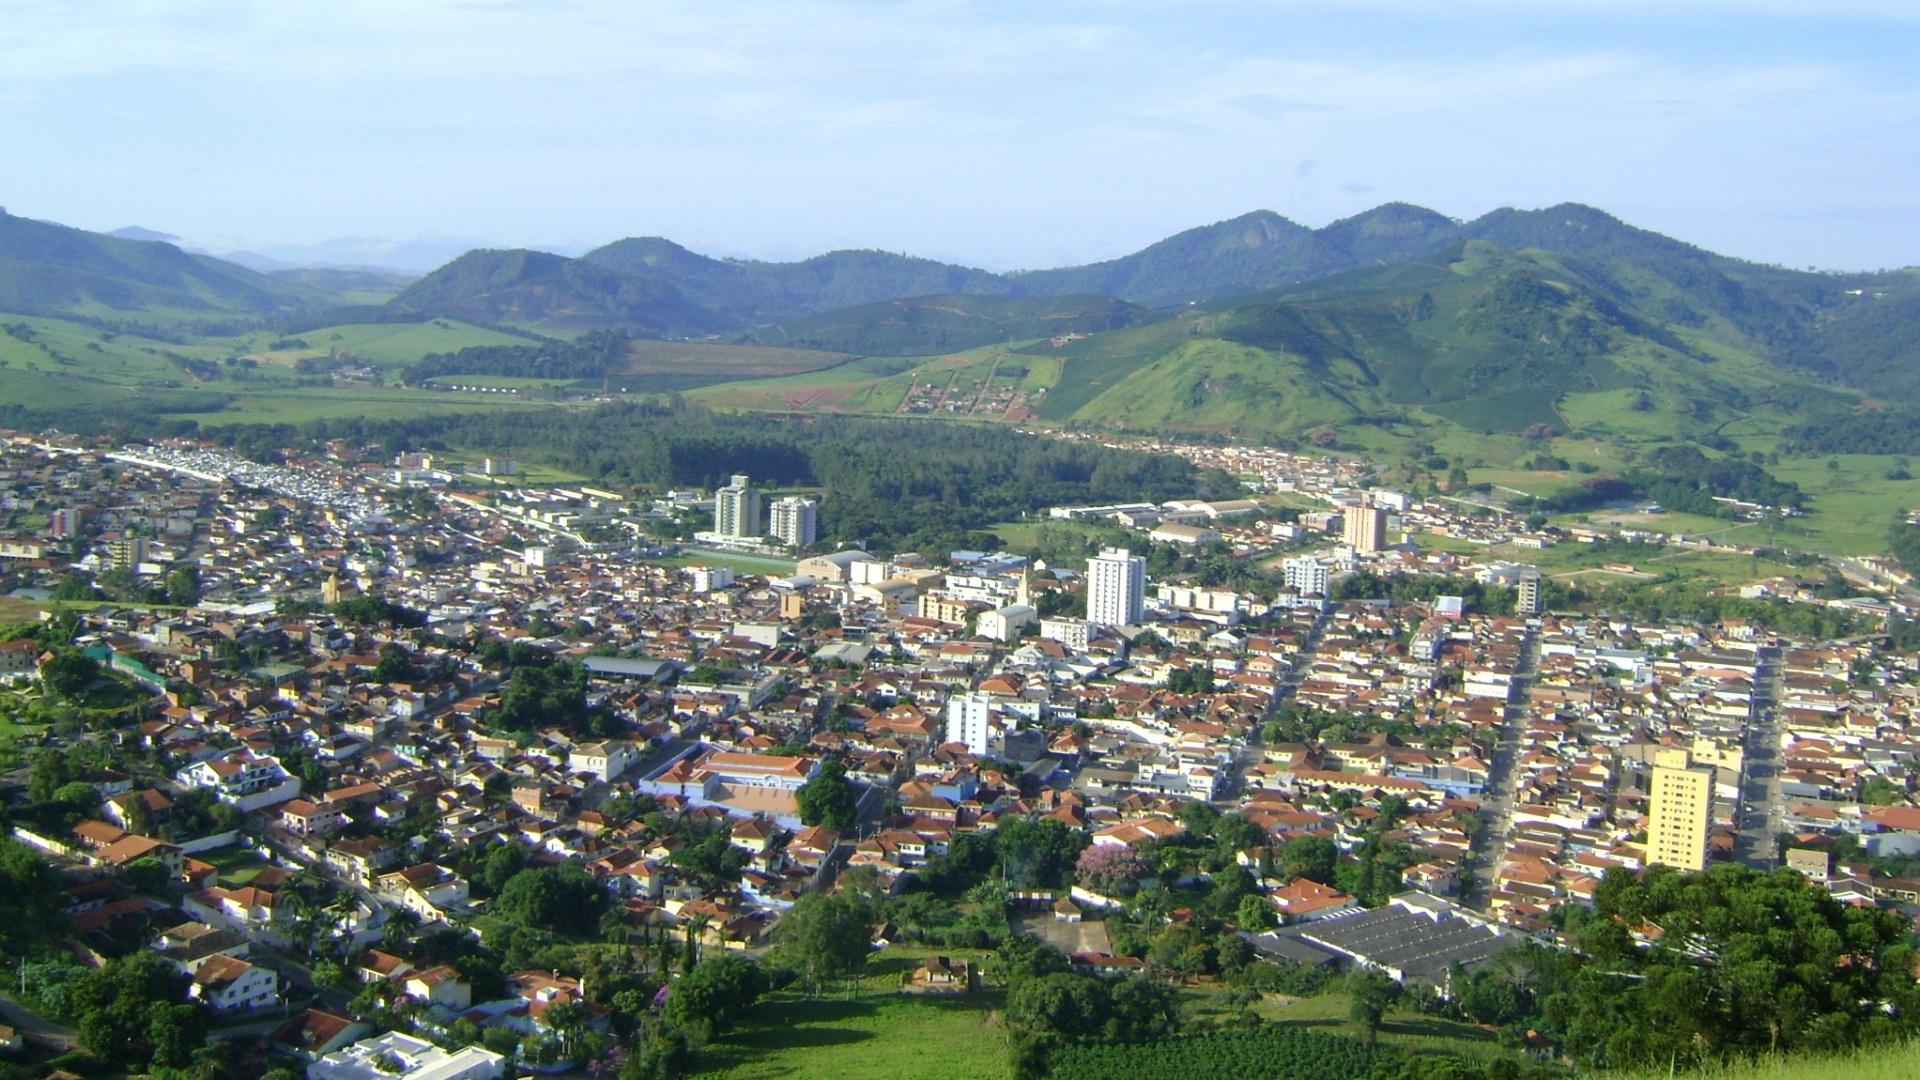 Pequena Santa Rita do Sapucaí (MG) desponta como polo tecnológico -  04 10 2012 - UOL Economia 72332b5091e35